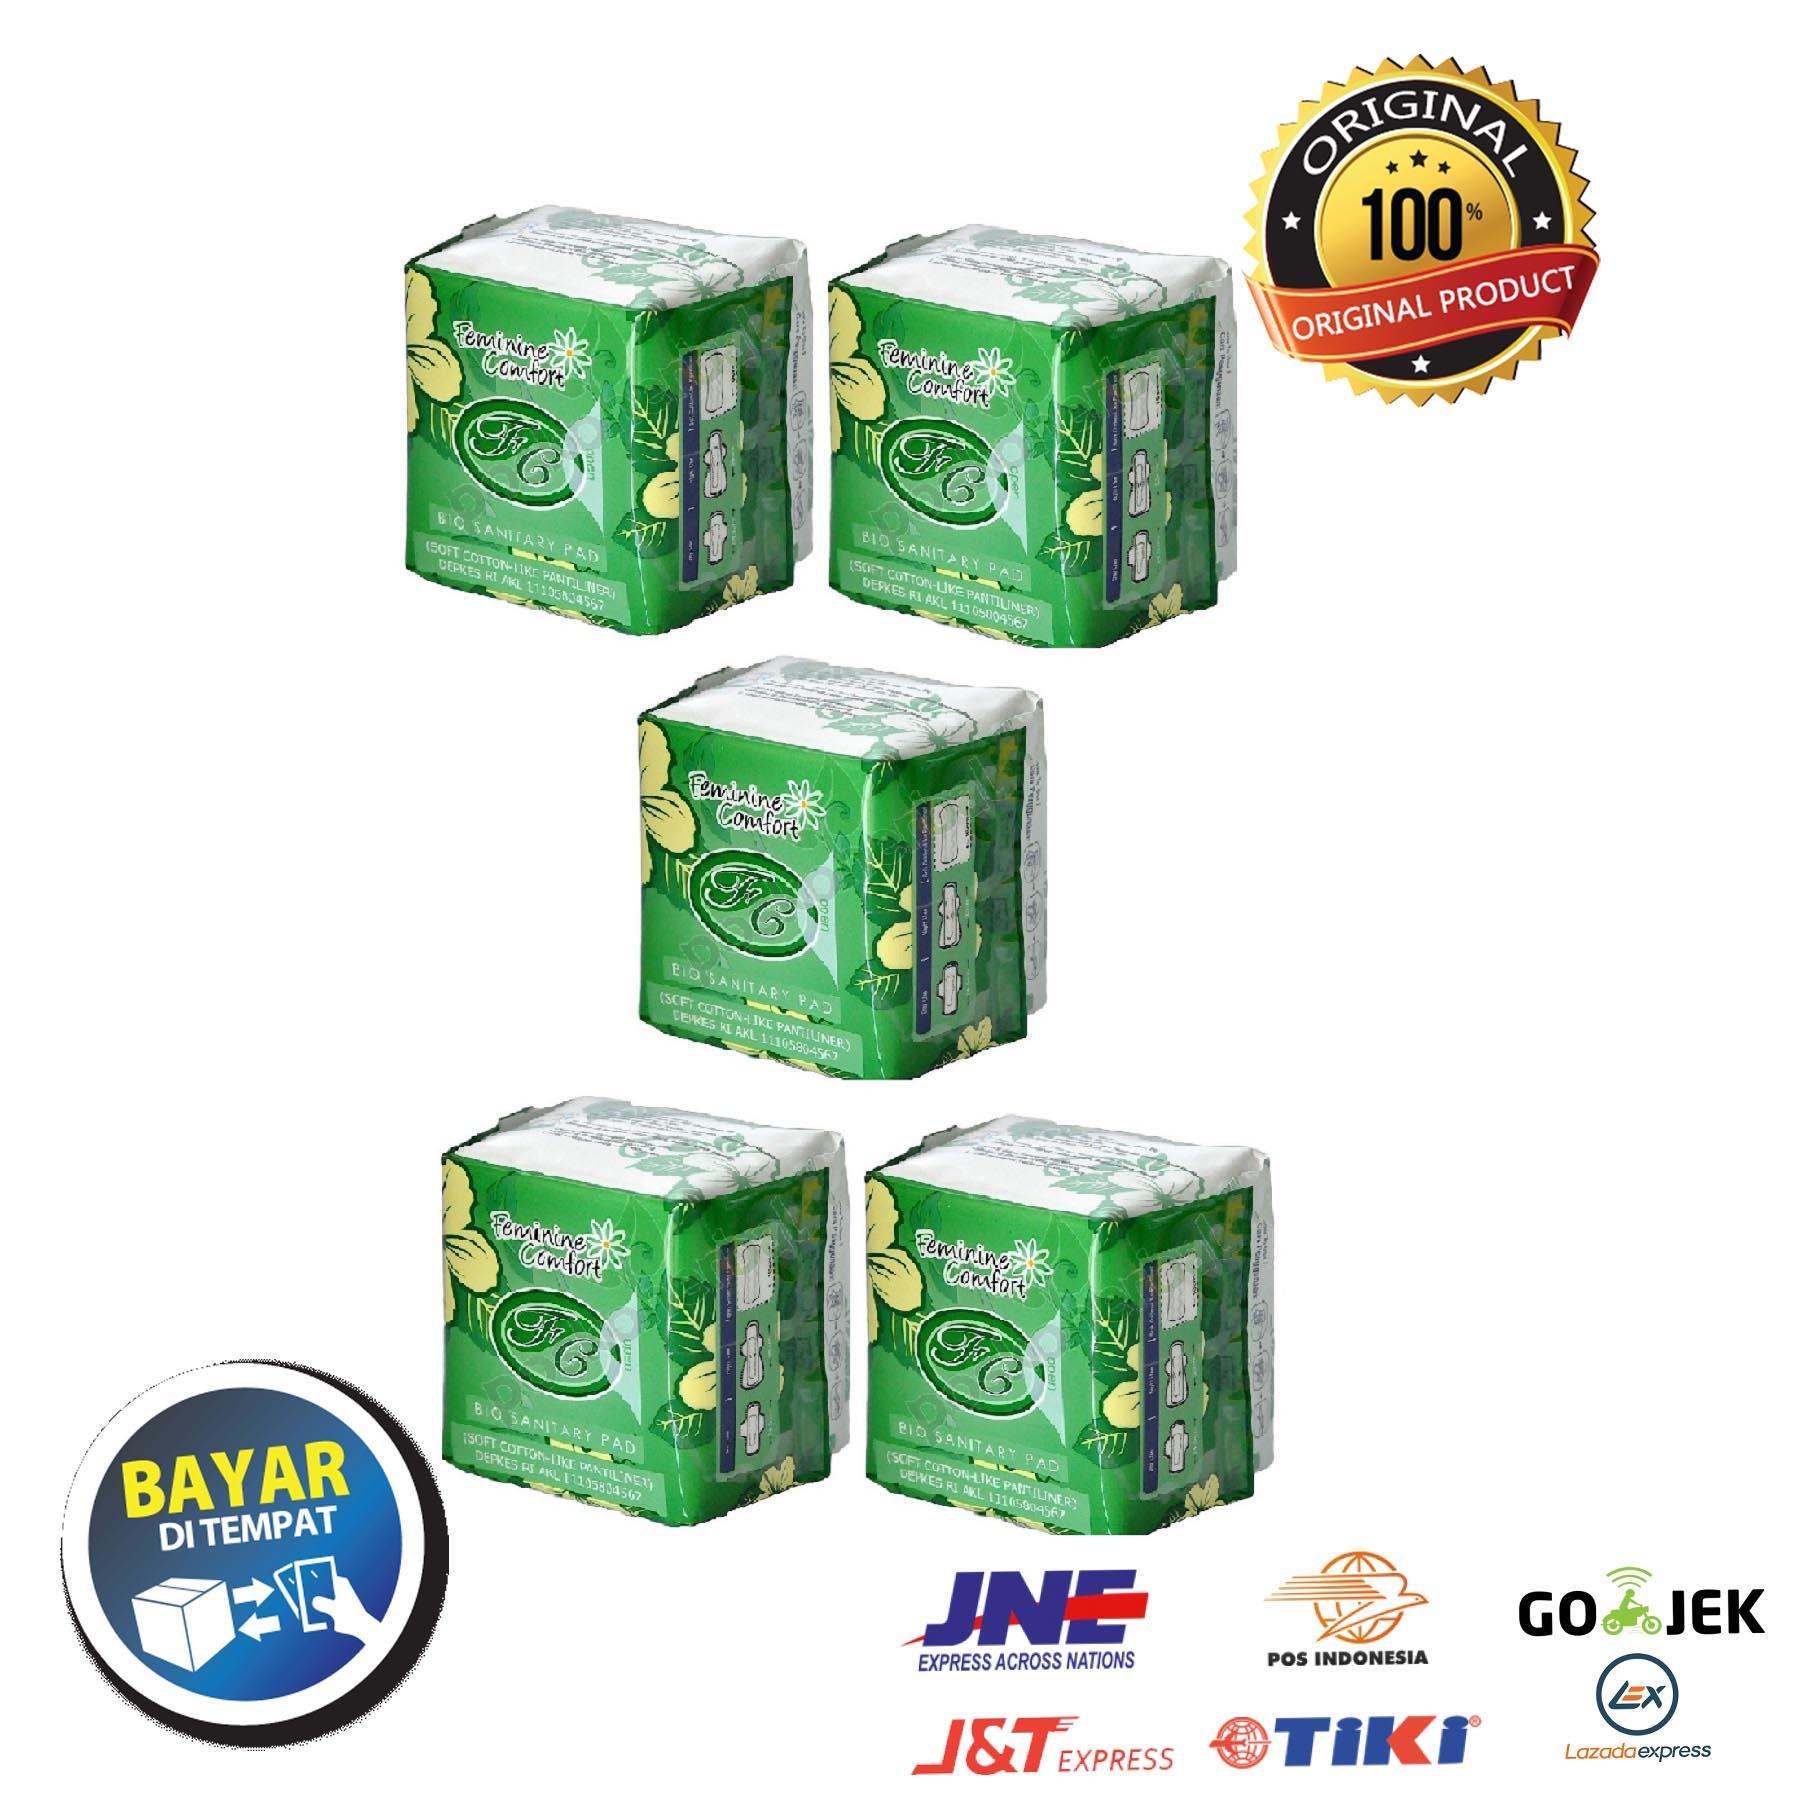 Avail Pembalut Herbal Pantyliner - Paket 5 Pcs By Tyoolshop.